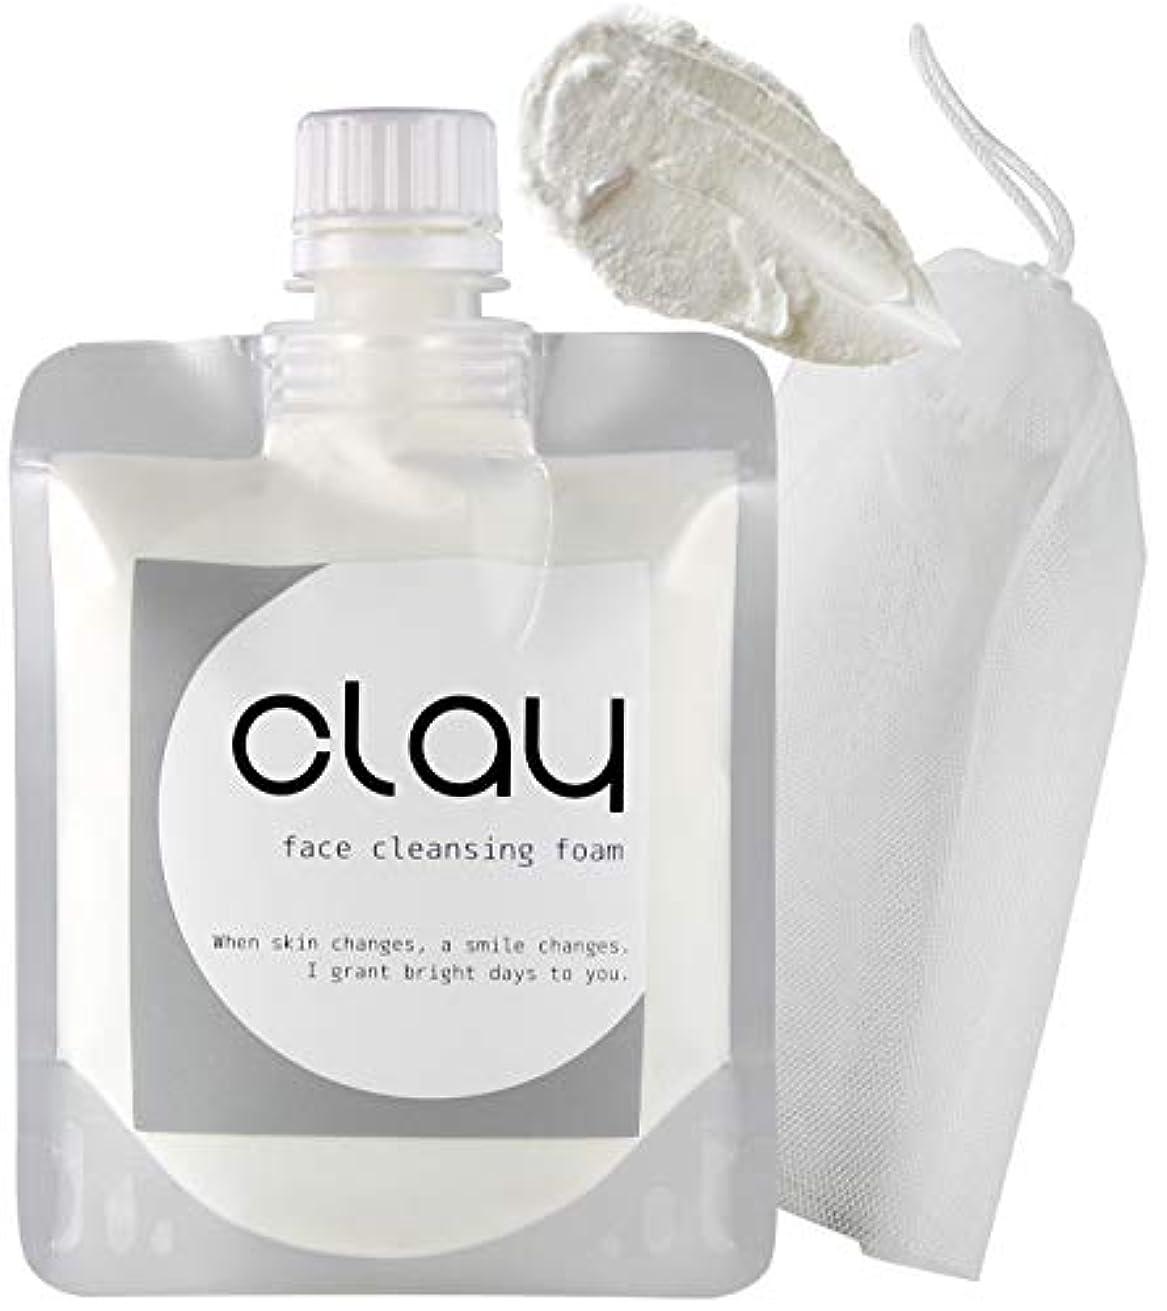 病気発行帰るSTAR'S クレイ 泥 洗顔 オーガニック 【 毛穴 黒ずみ 開き ザラ付き 用】「 泡 ネット 付き」 40種類の植物エキス 16種類の美容成分 9つの無添加 透明感 柔肌 130g (Clay)